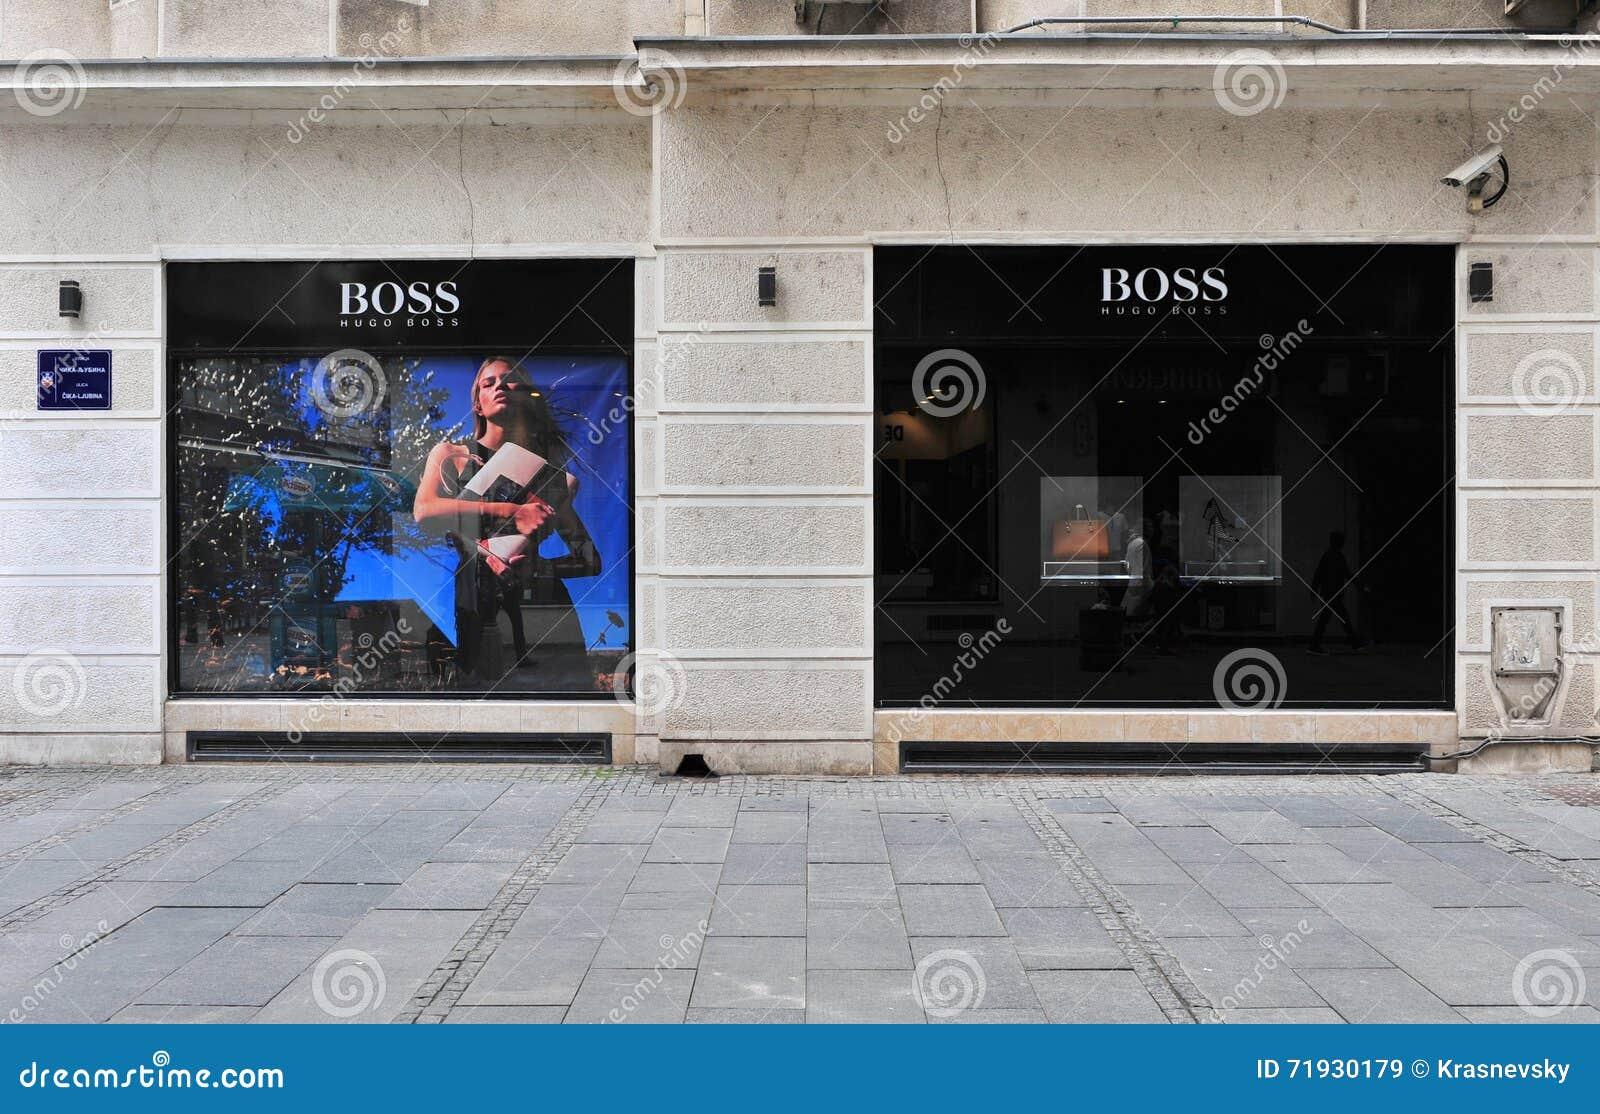 Магазин босса Хьюго